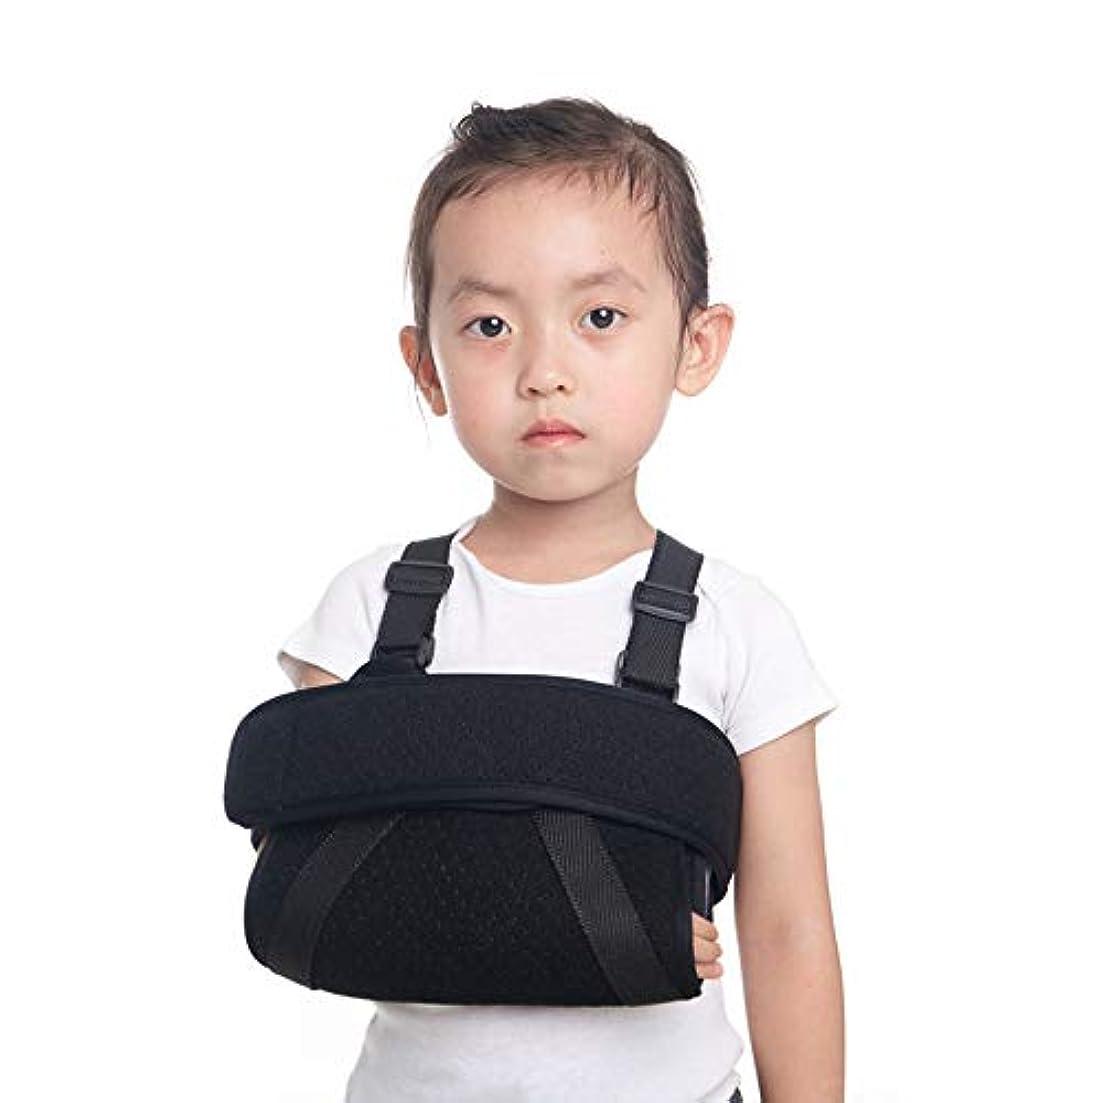 国民投票かなりぼかしキッズフラクチャリングスリング、アームエルボーフラクチャ固定ブレース、6-10歳の子供の 手首脱臼保護サポート